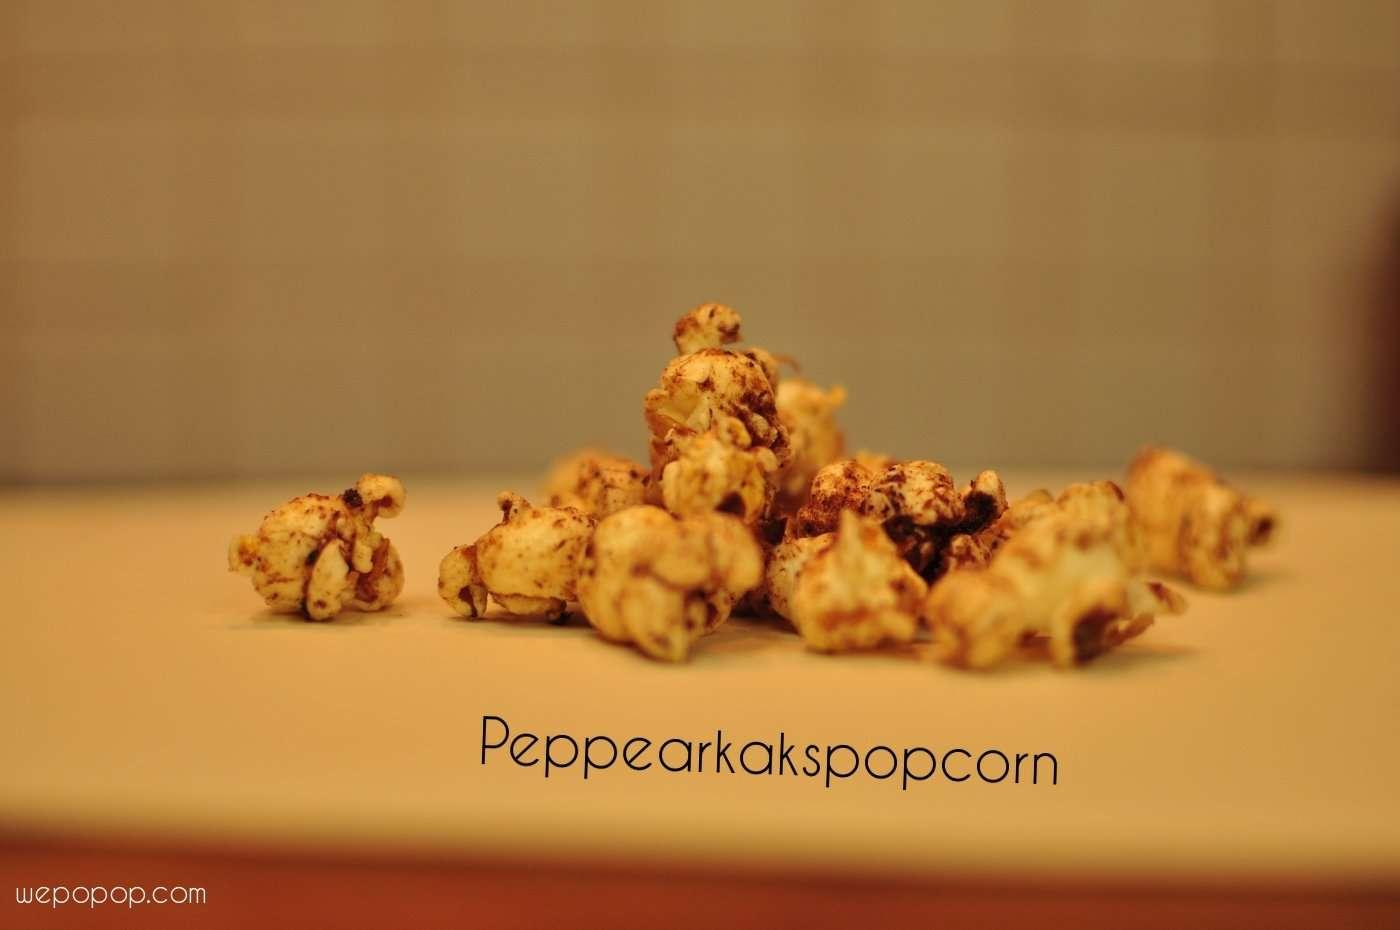 pepparkakspopcorn